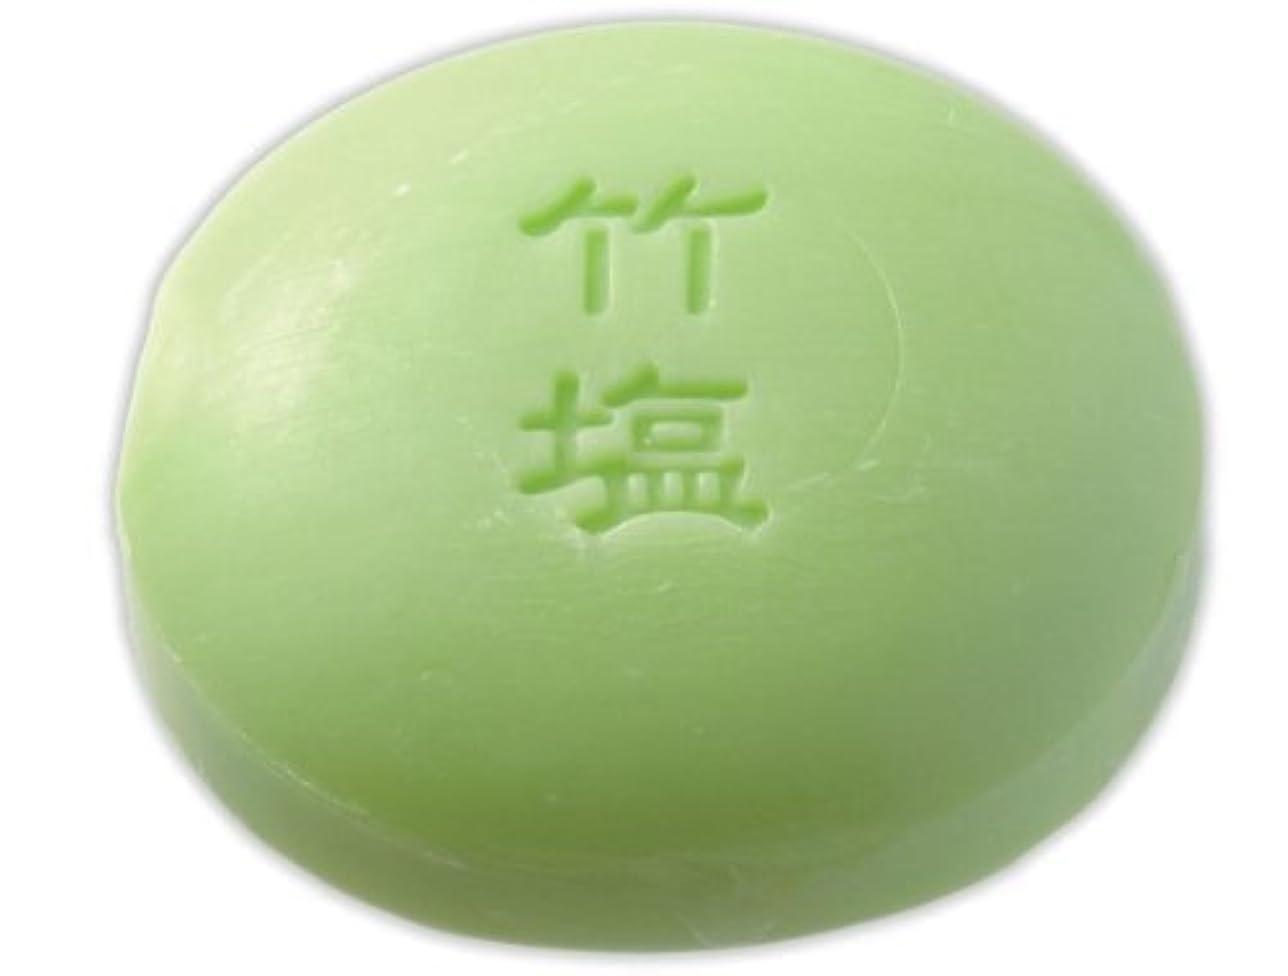 センチメートル霜欠伸和み庵 石けん(竹塩石けん) 30g×20個